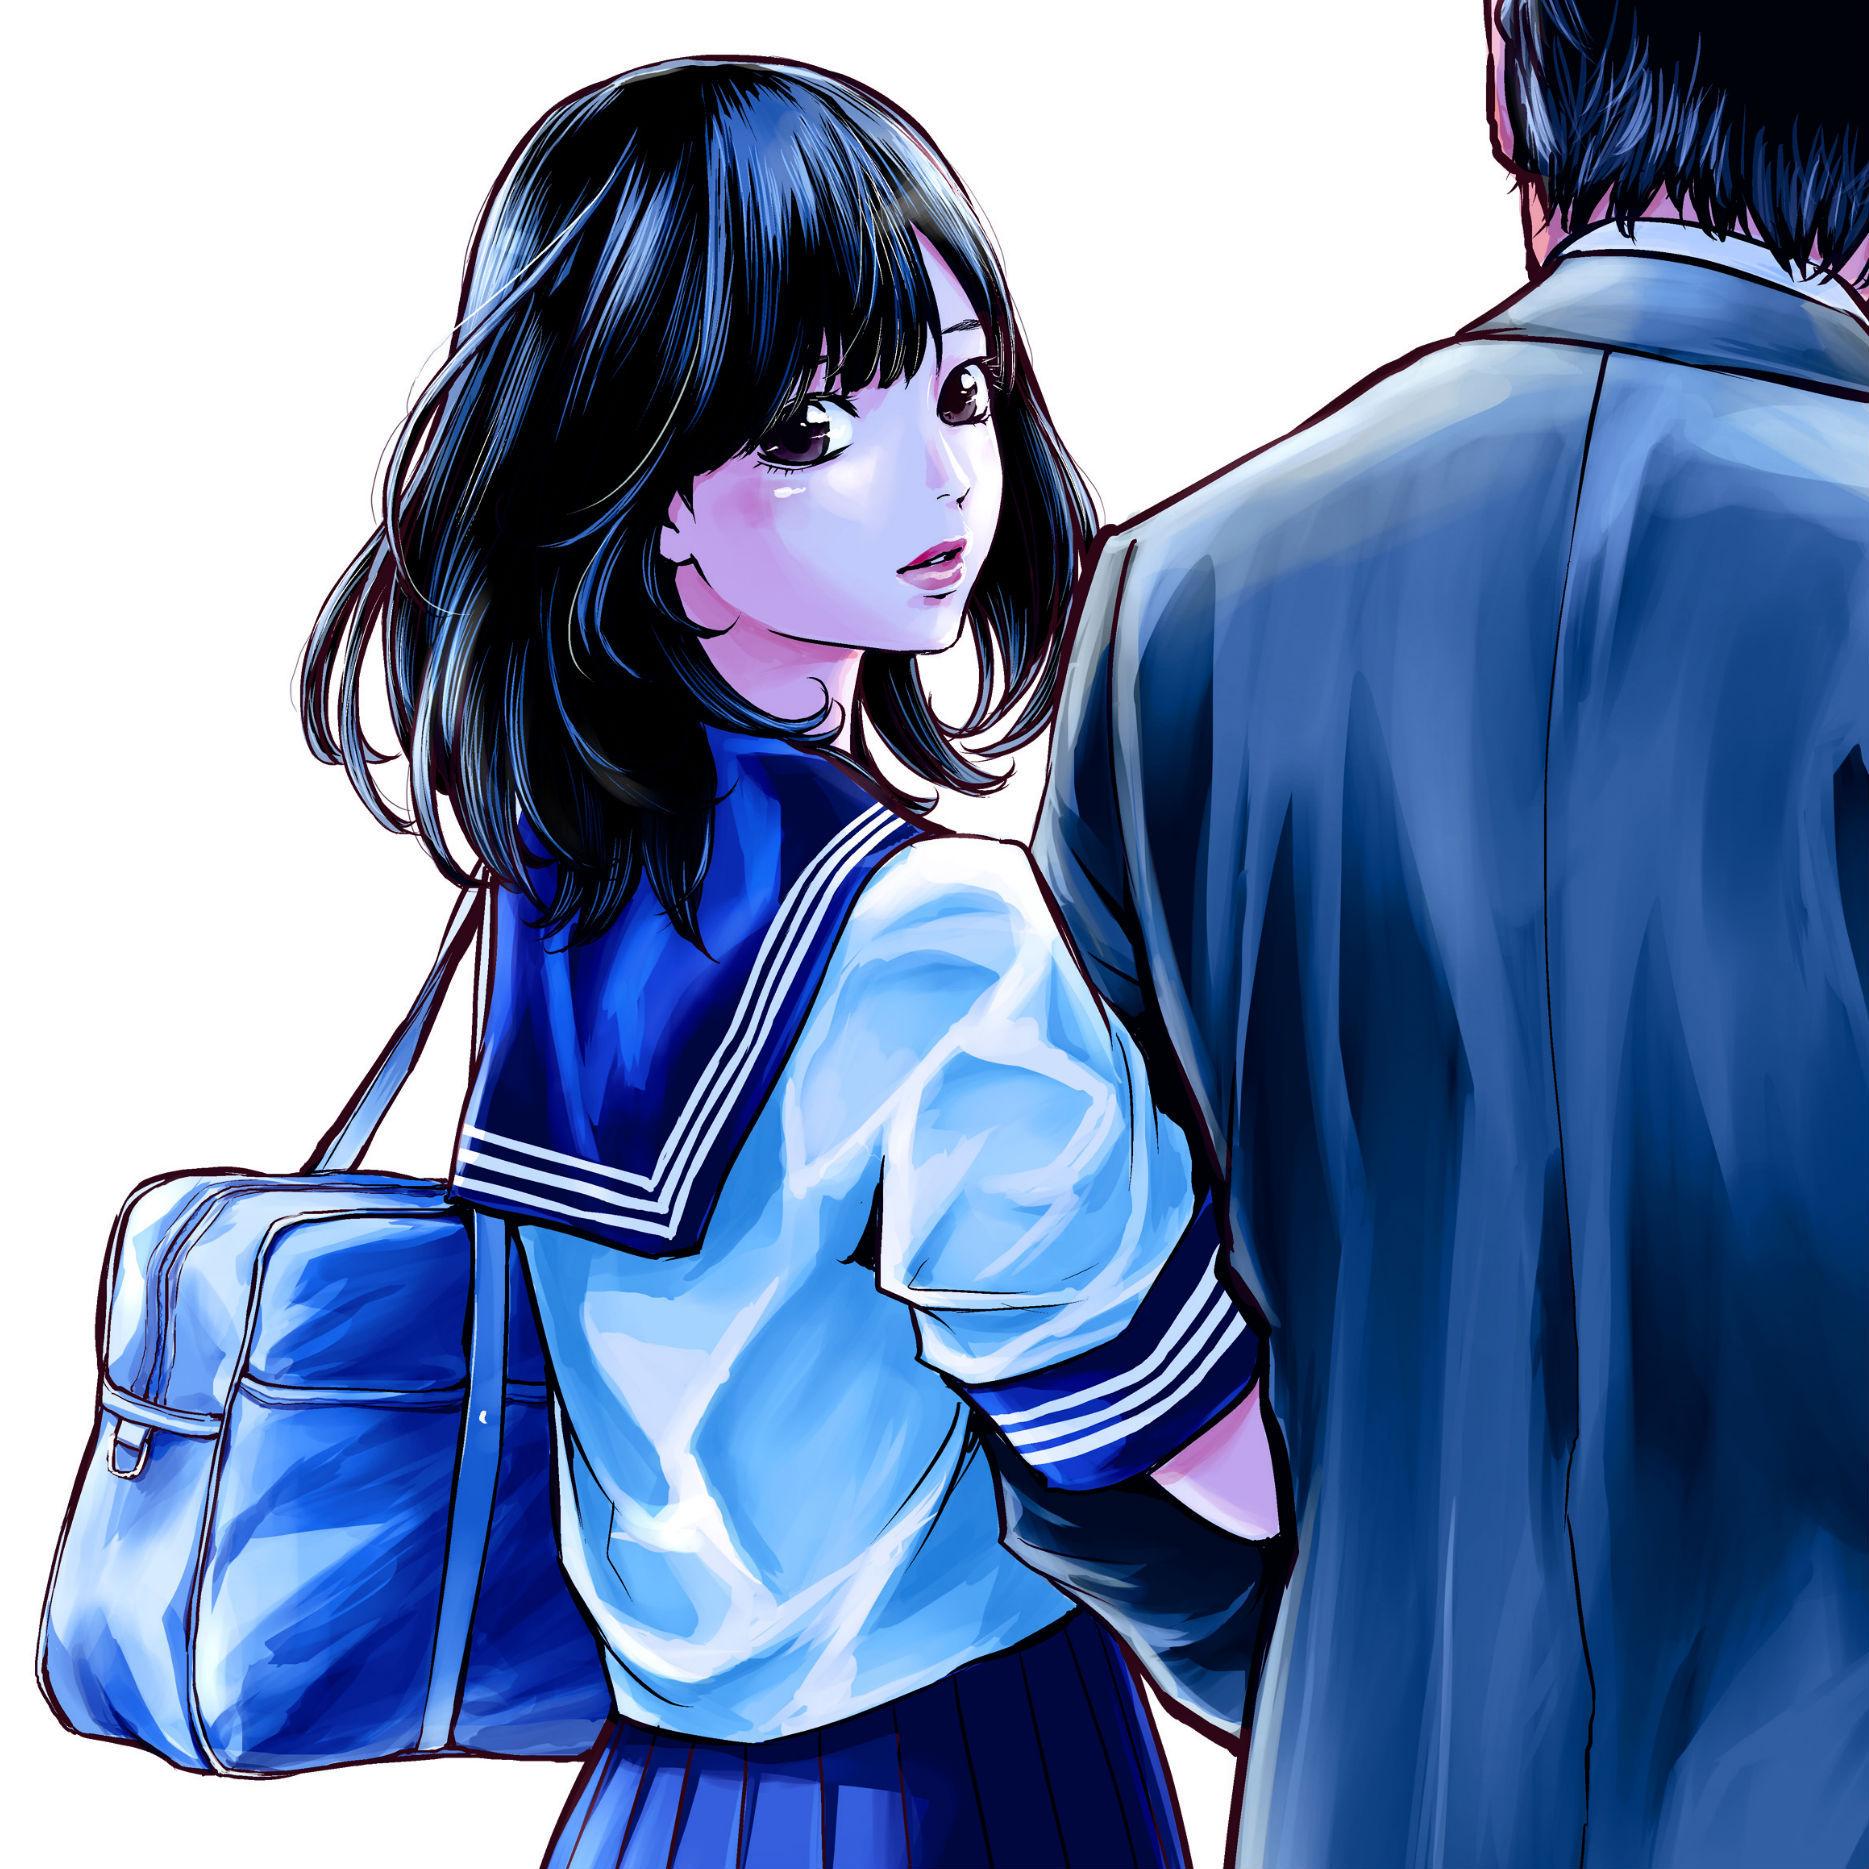 「明日の社会より今日の射精」『裏モノ JAPAN』から読み解く買春男性